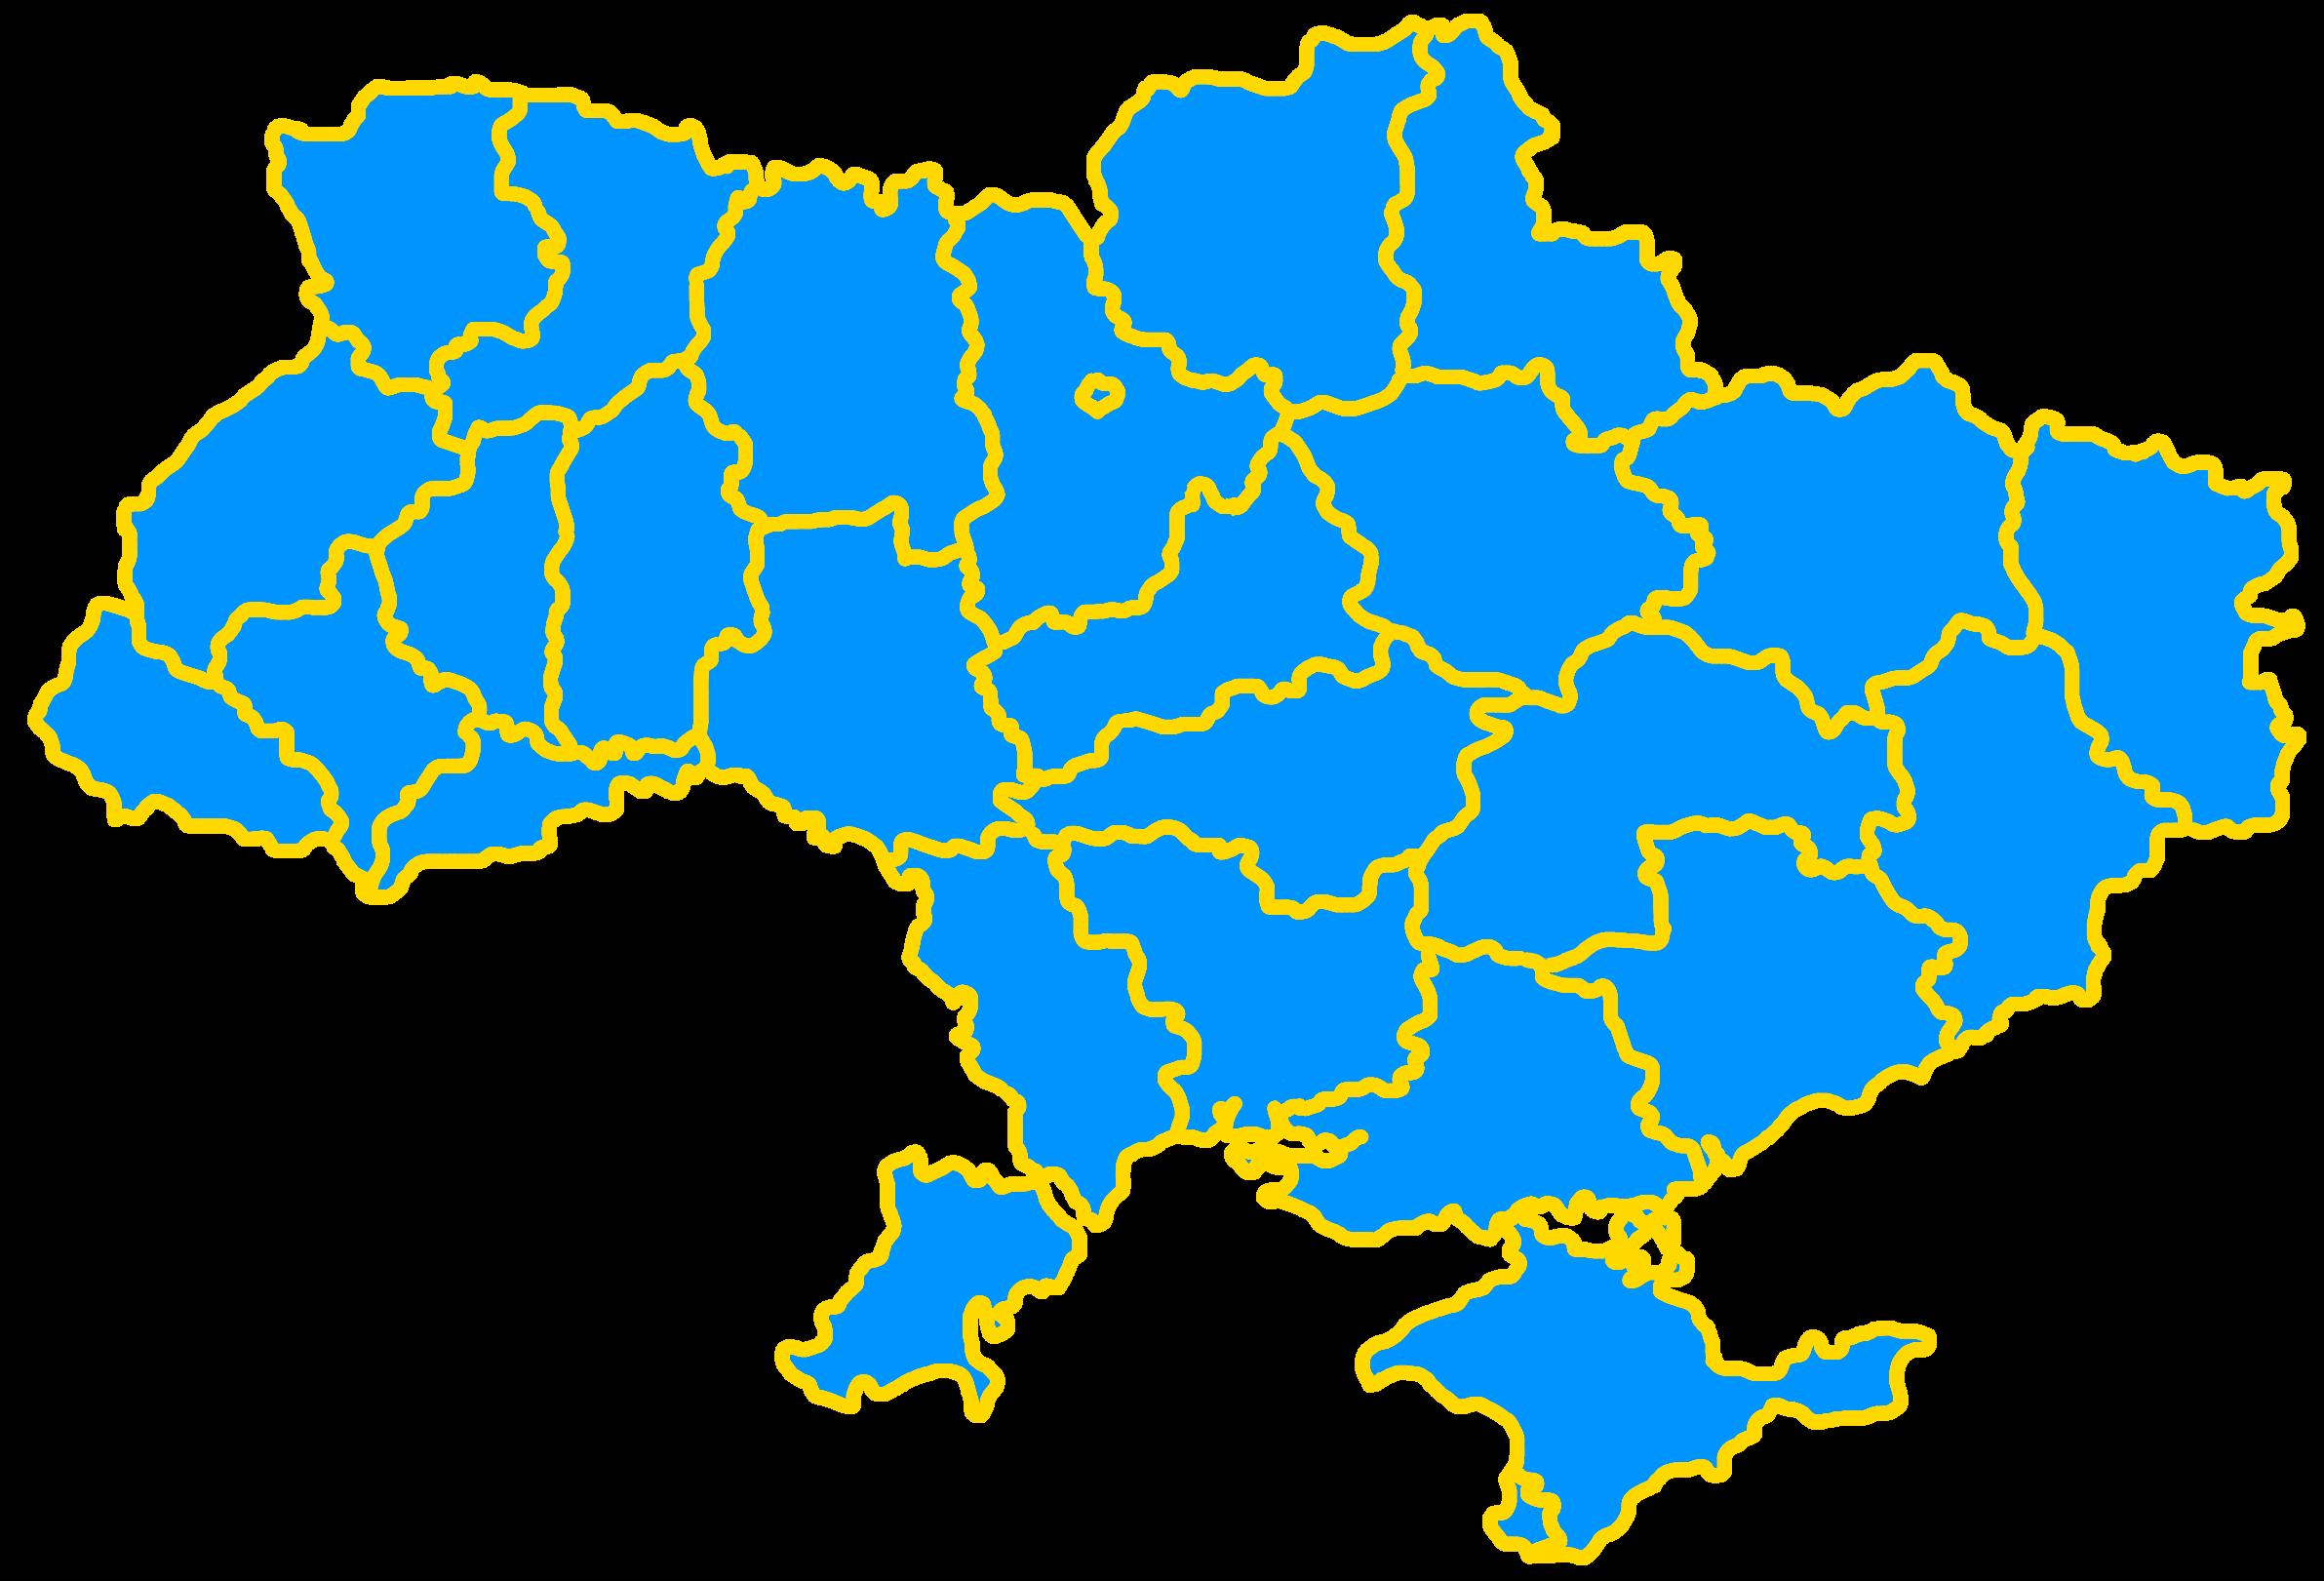 швеция болгария статистика личных встреч